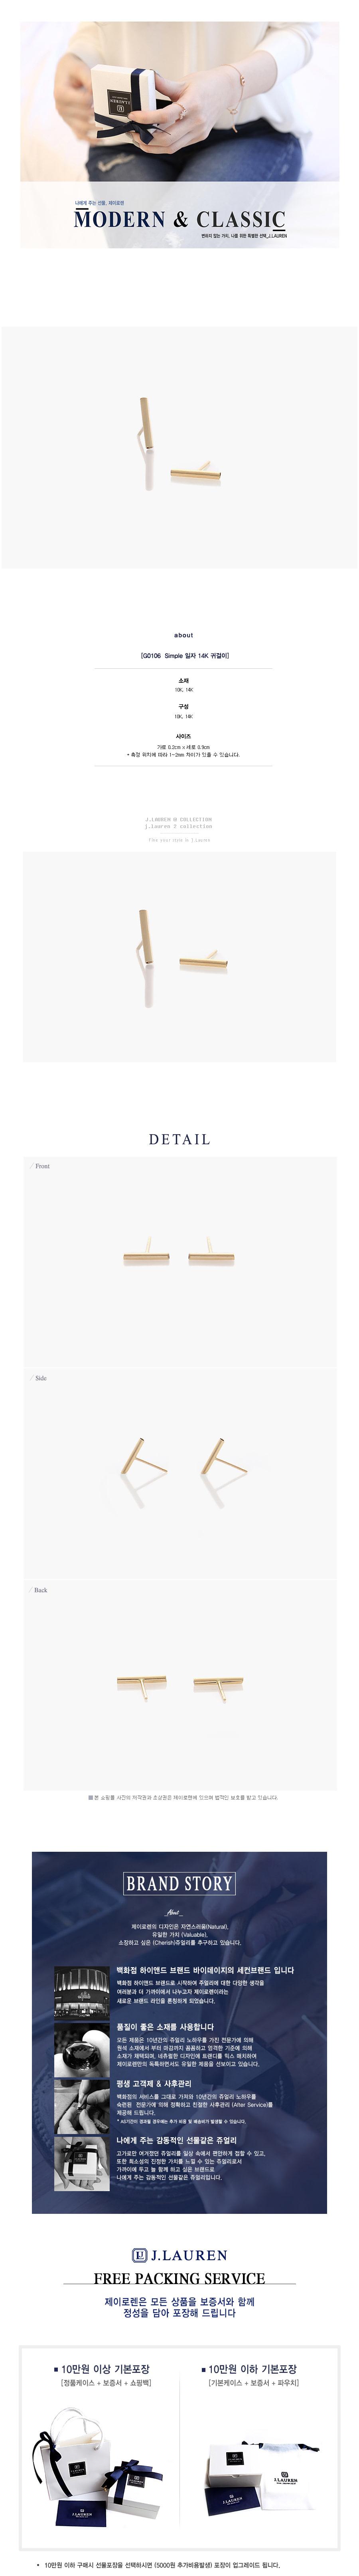 제이로렌 91G0106 Simple 일자바 14K Gold 귀걸이 - 바이데이지, 48,000원, 골드, 볼/미니귀걸이